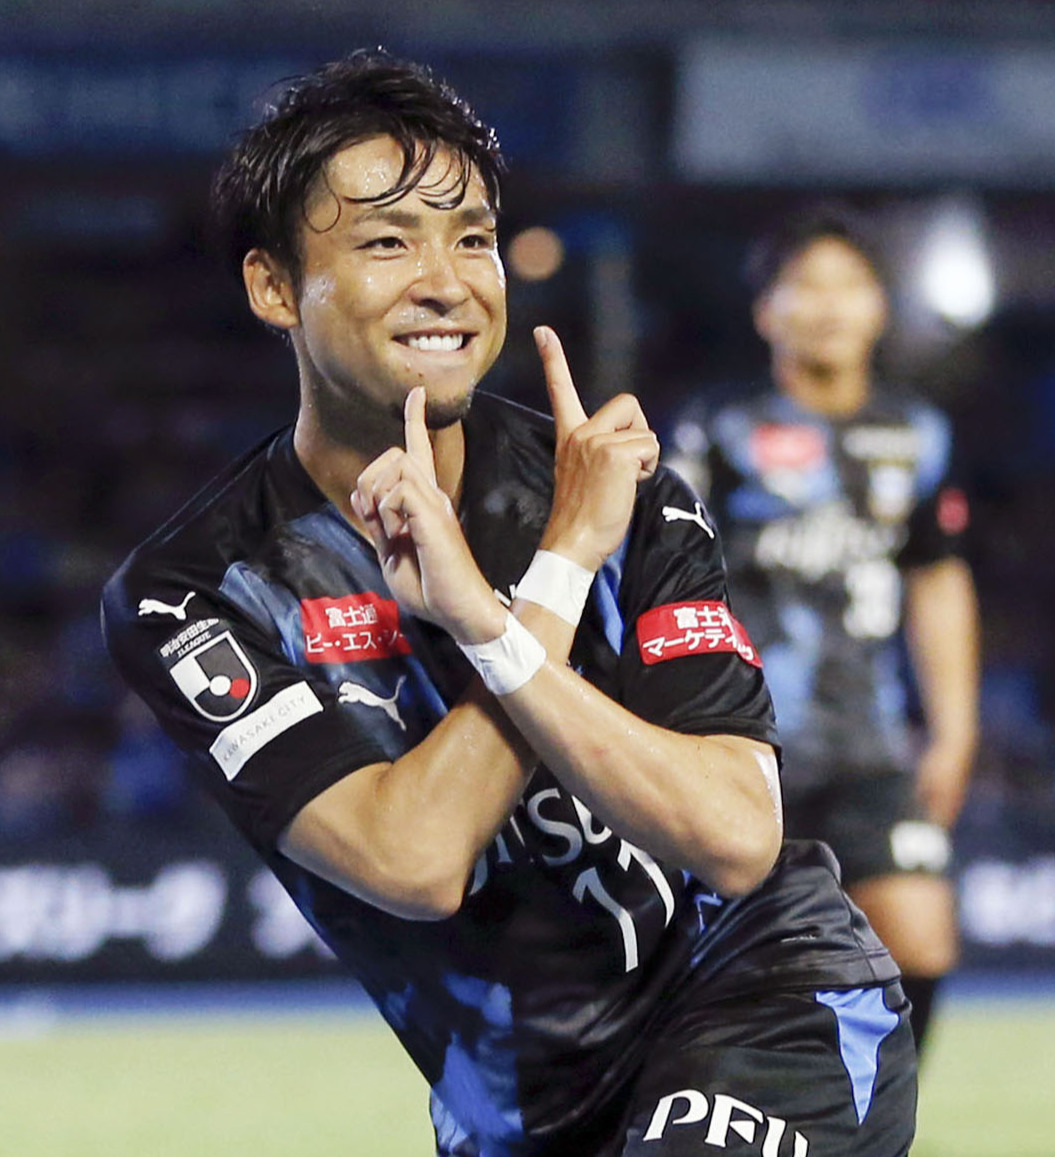 後半、ゴールを決めてお笑いコンビ・ぺこぱのシュウペイのポーズをする川崎F・MF小林(共同)